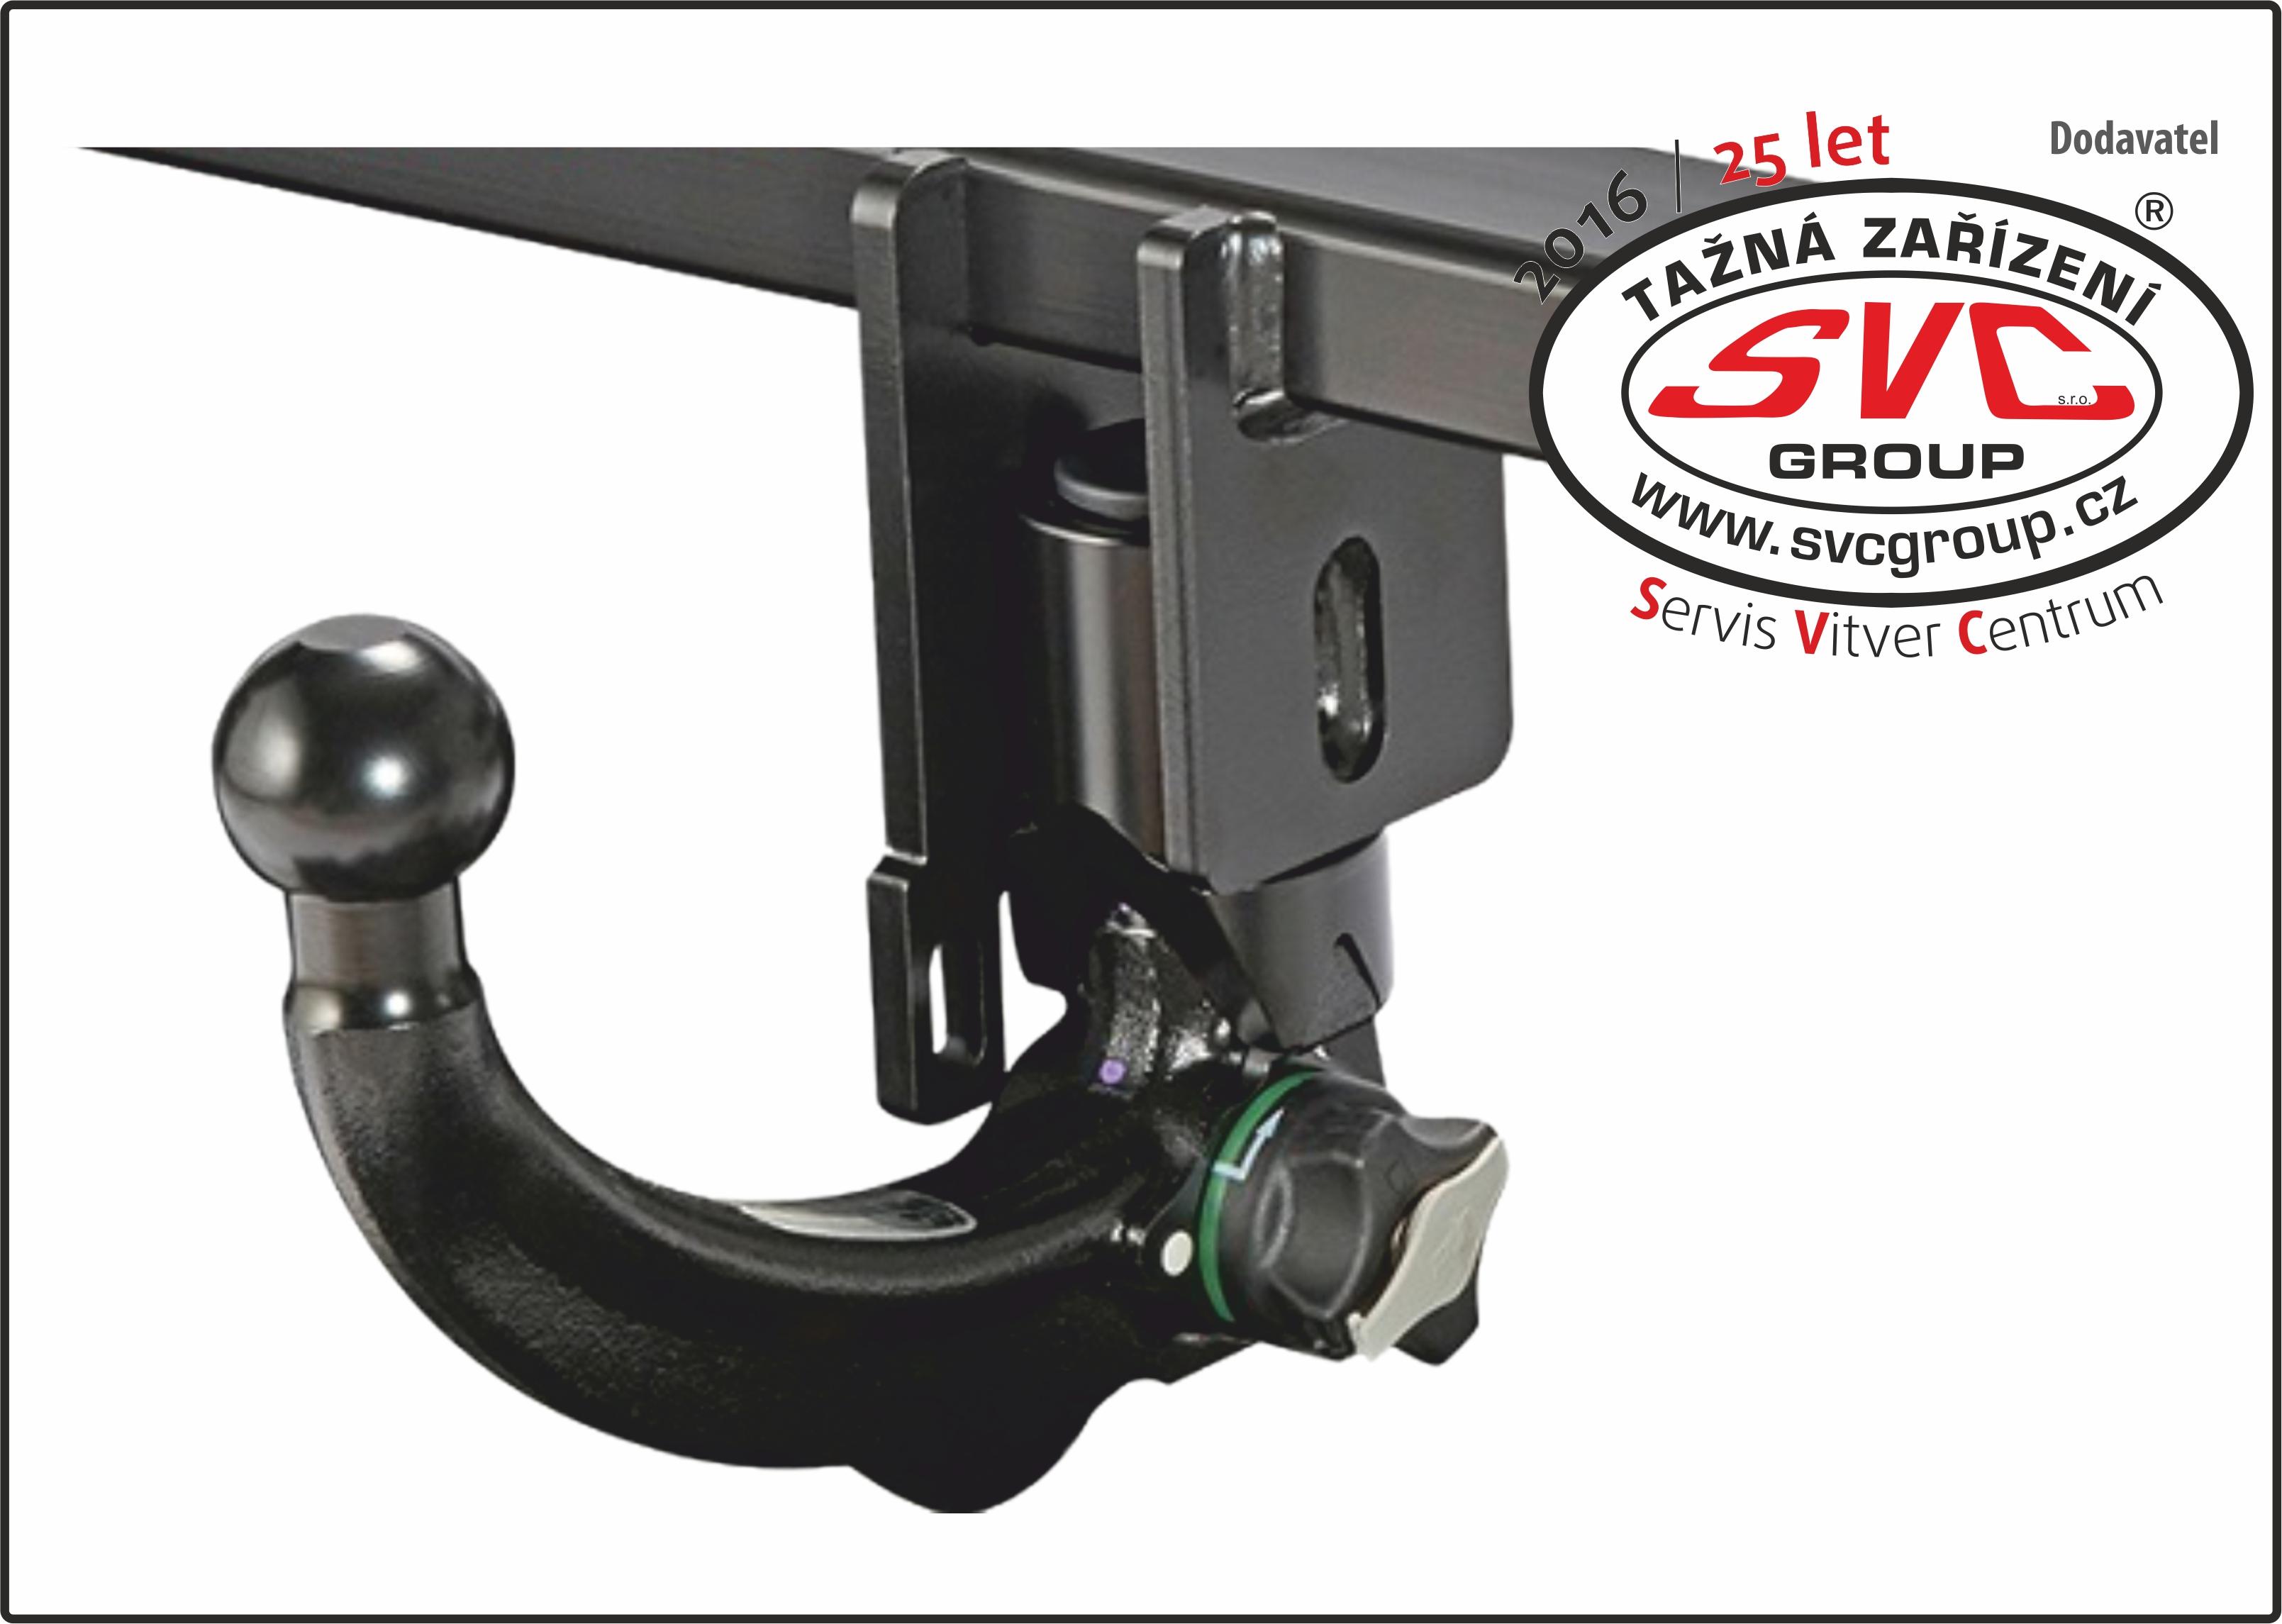 Vertikální Bajonet AK40/41+SKL Automatický Vetikální bajonet zamykatelný v černém elegantním provedení včetně zámku proti zcizení. Kulový čep dle nařízení EU musí být z vozu demontován, pokud není připojený přívěsný vozík nebo nosič kol.